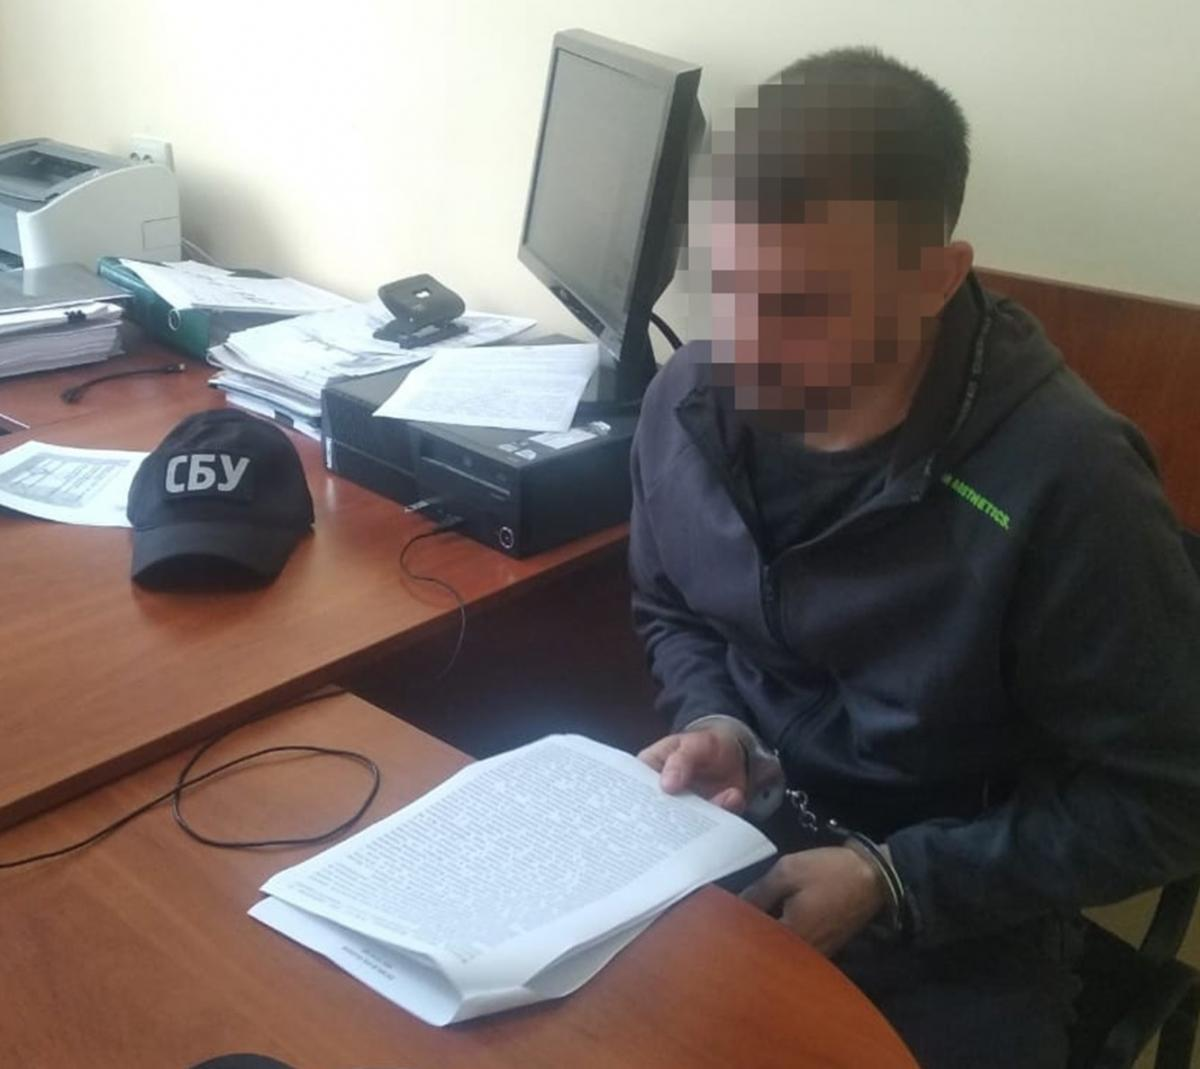 Подозреваемый скрытно переправил из РФ оружие для совершения преступления / ssu.gov.ua